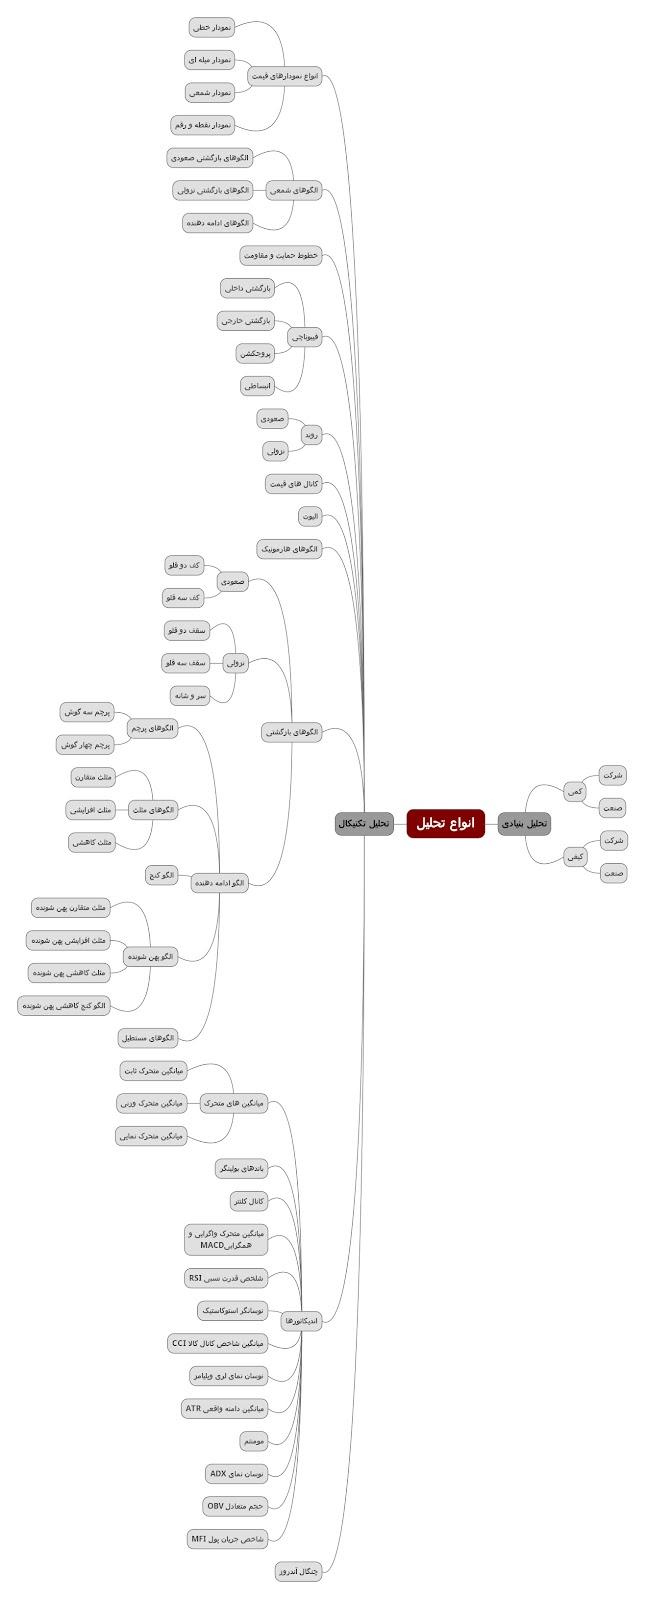 نمودار انواع تحلیل به بیان ساده